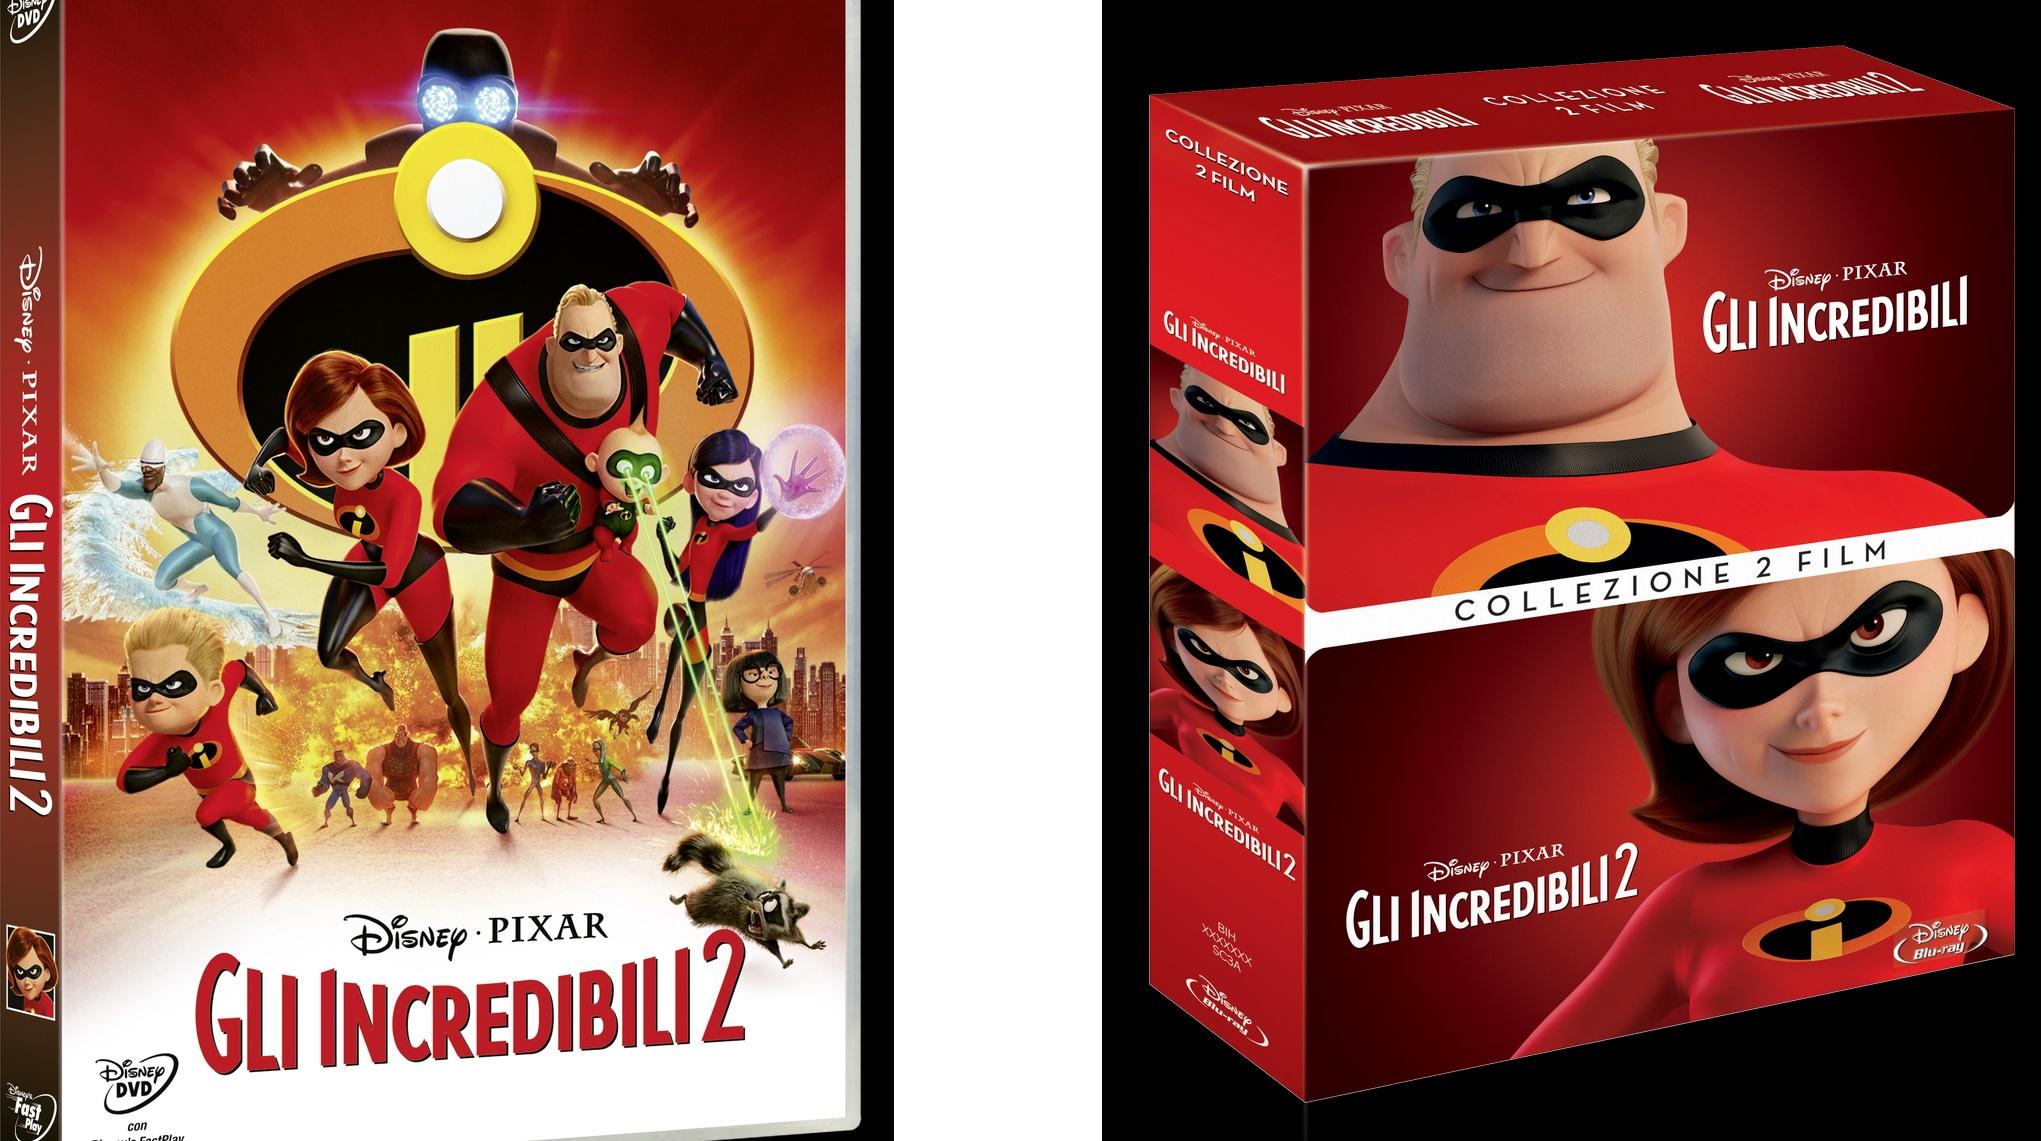 gli incredibili 2 uscita dvd in italia